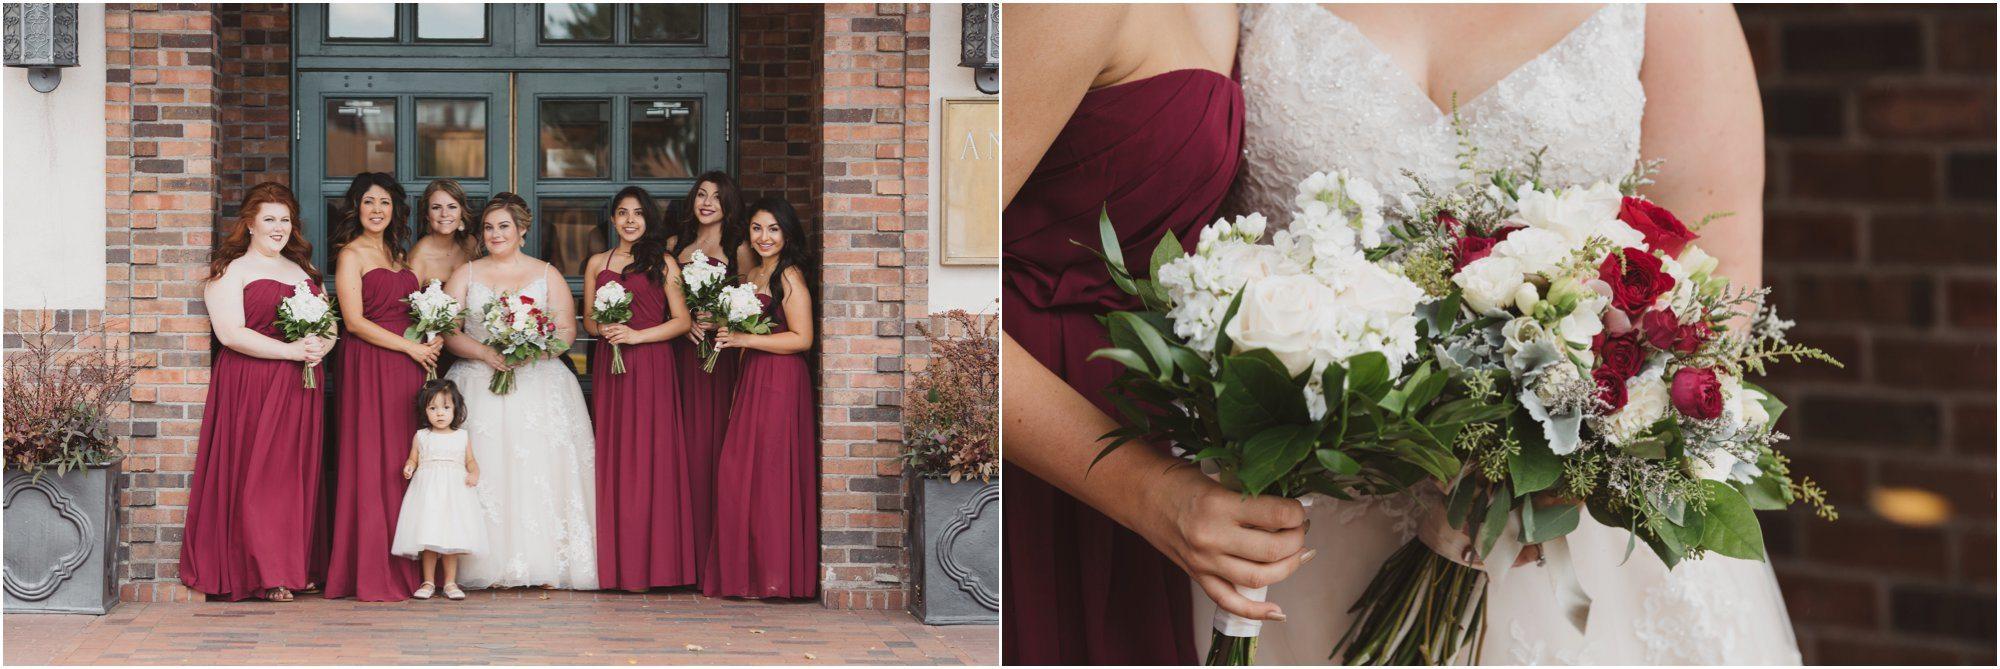 0015albuquerque-wedding-photography_-santa-fe-wedding-photographer_-blue-rose-studio